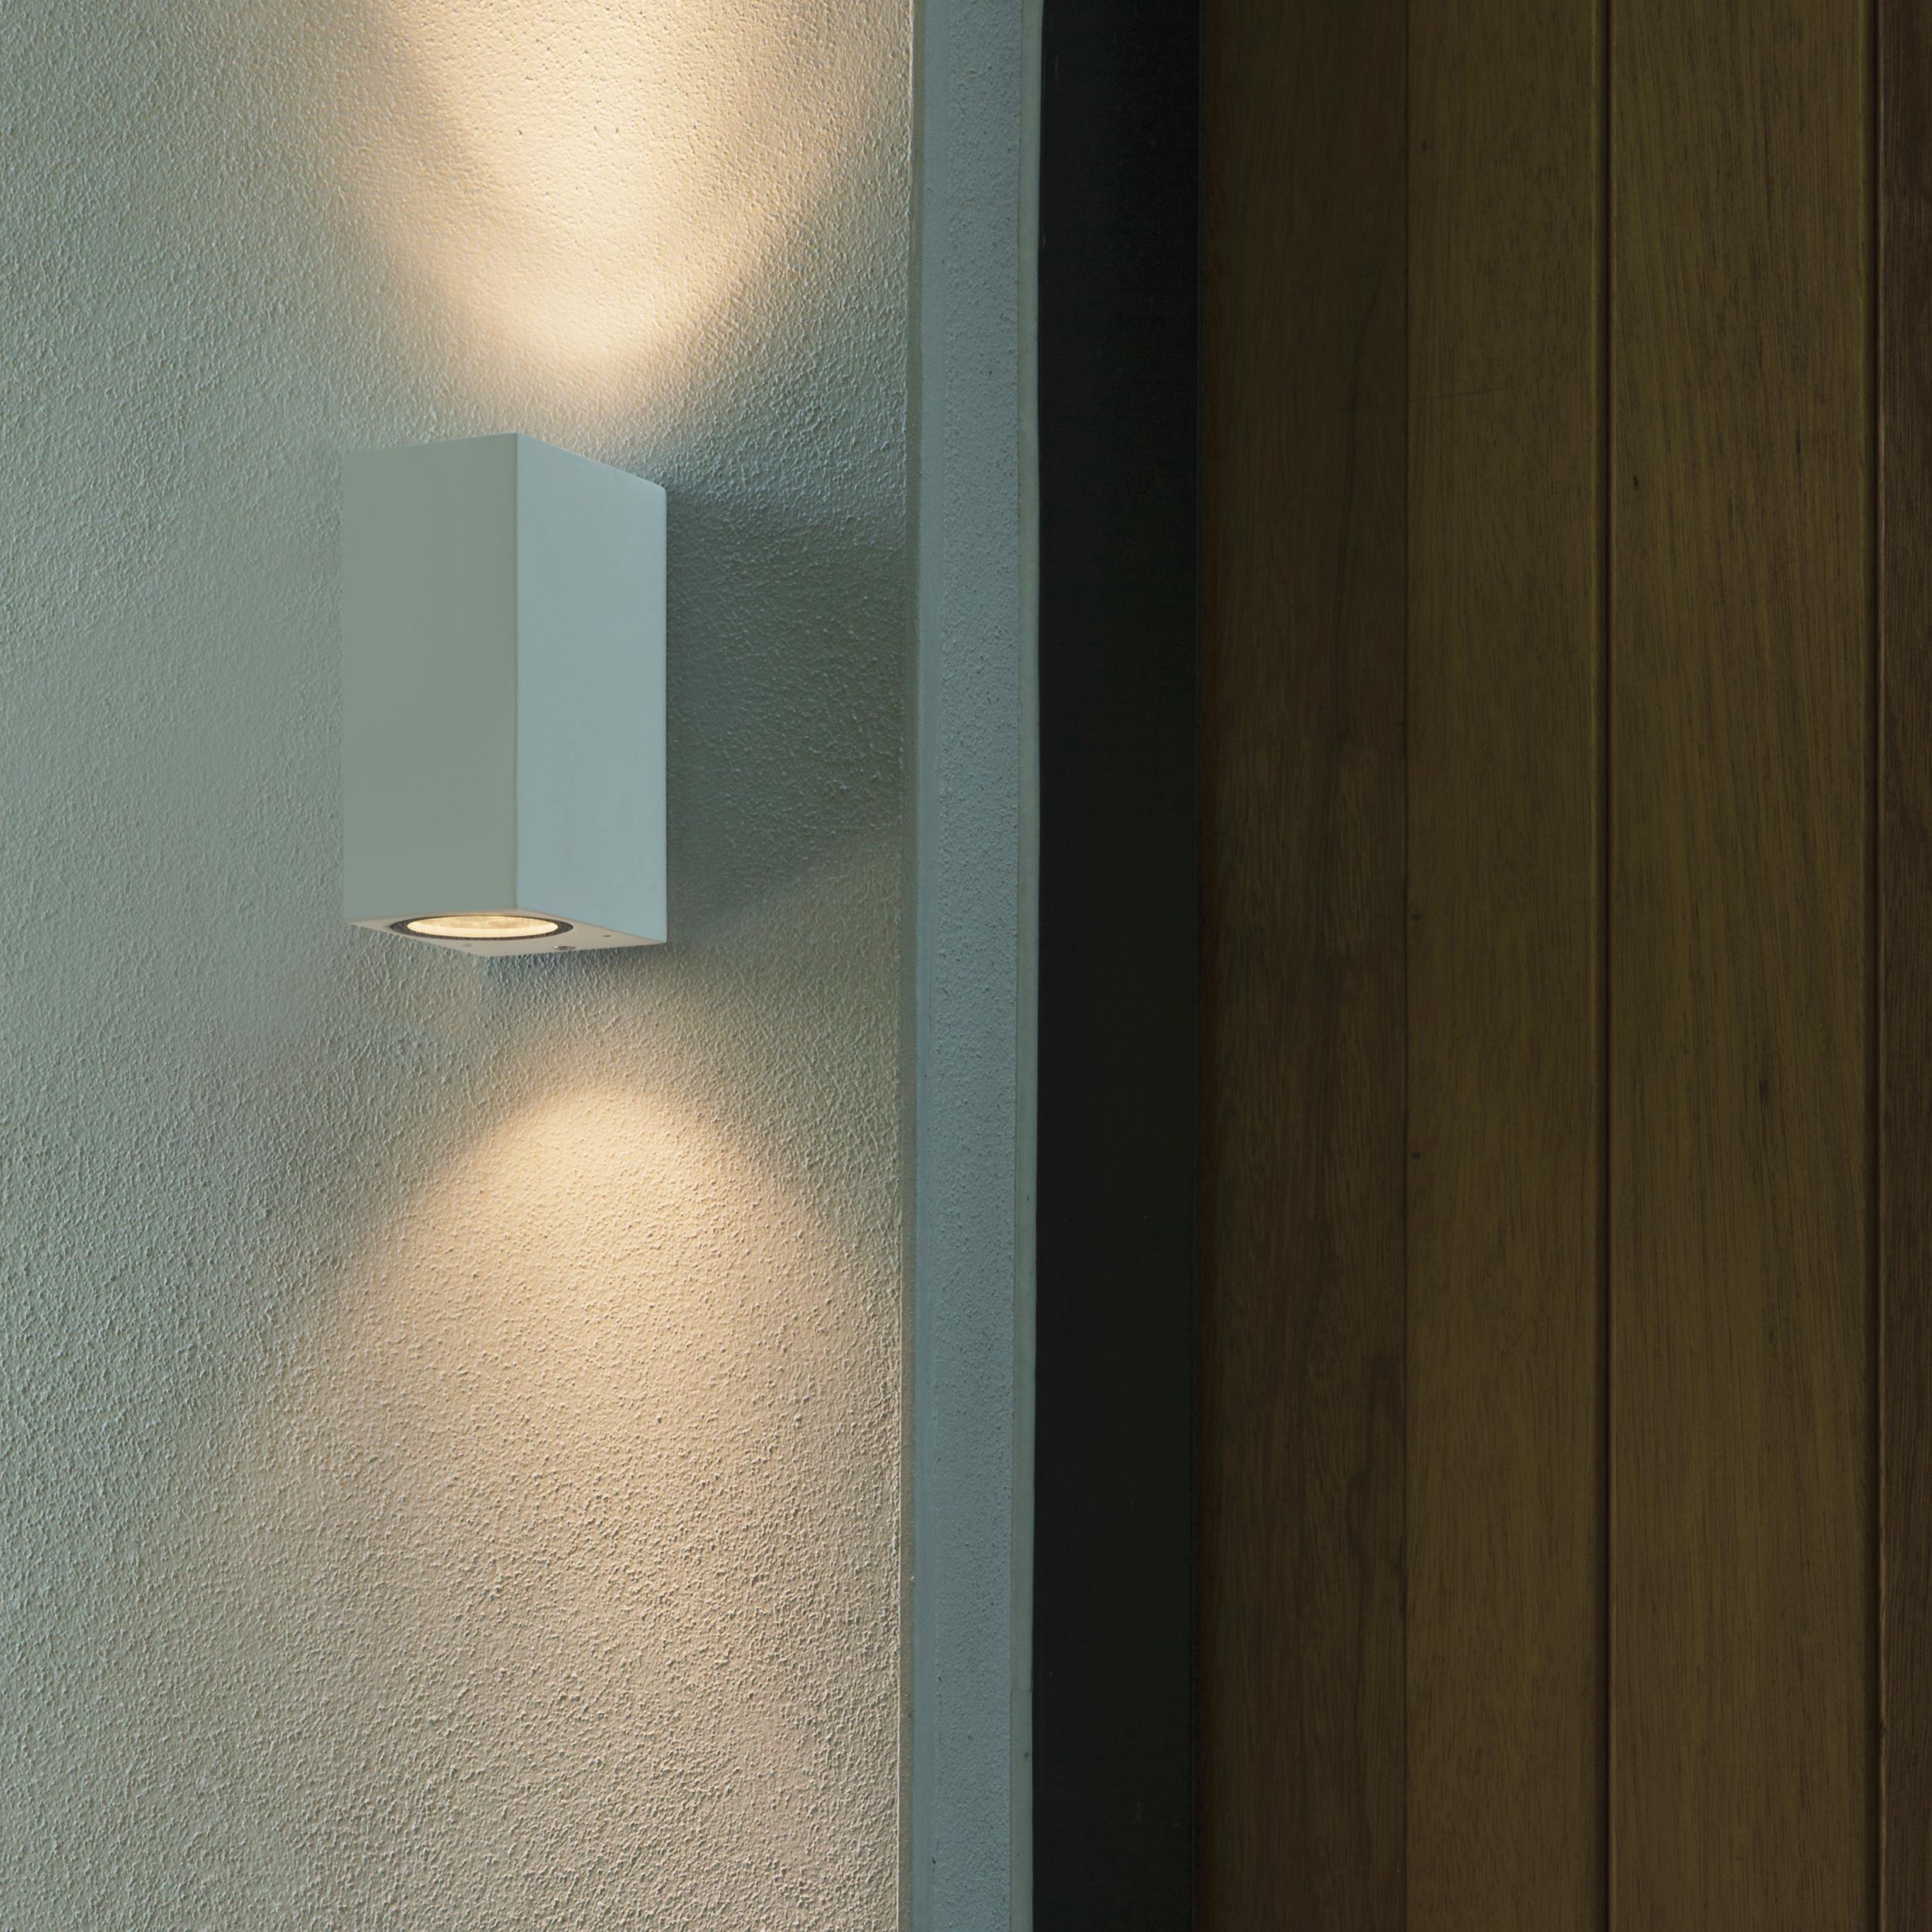 Настенный светильник Astro Chios 1310004 (7128), IP44, 2xGU10x6W, прозрачный, черный, металл, стекло - фото 3